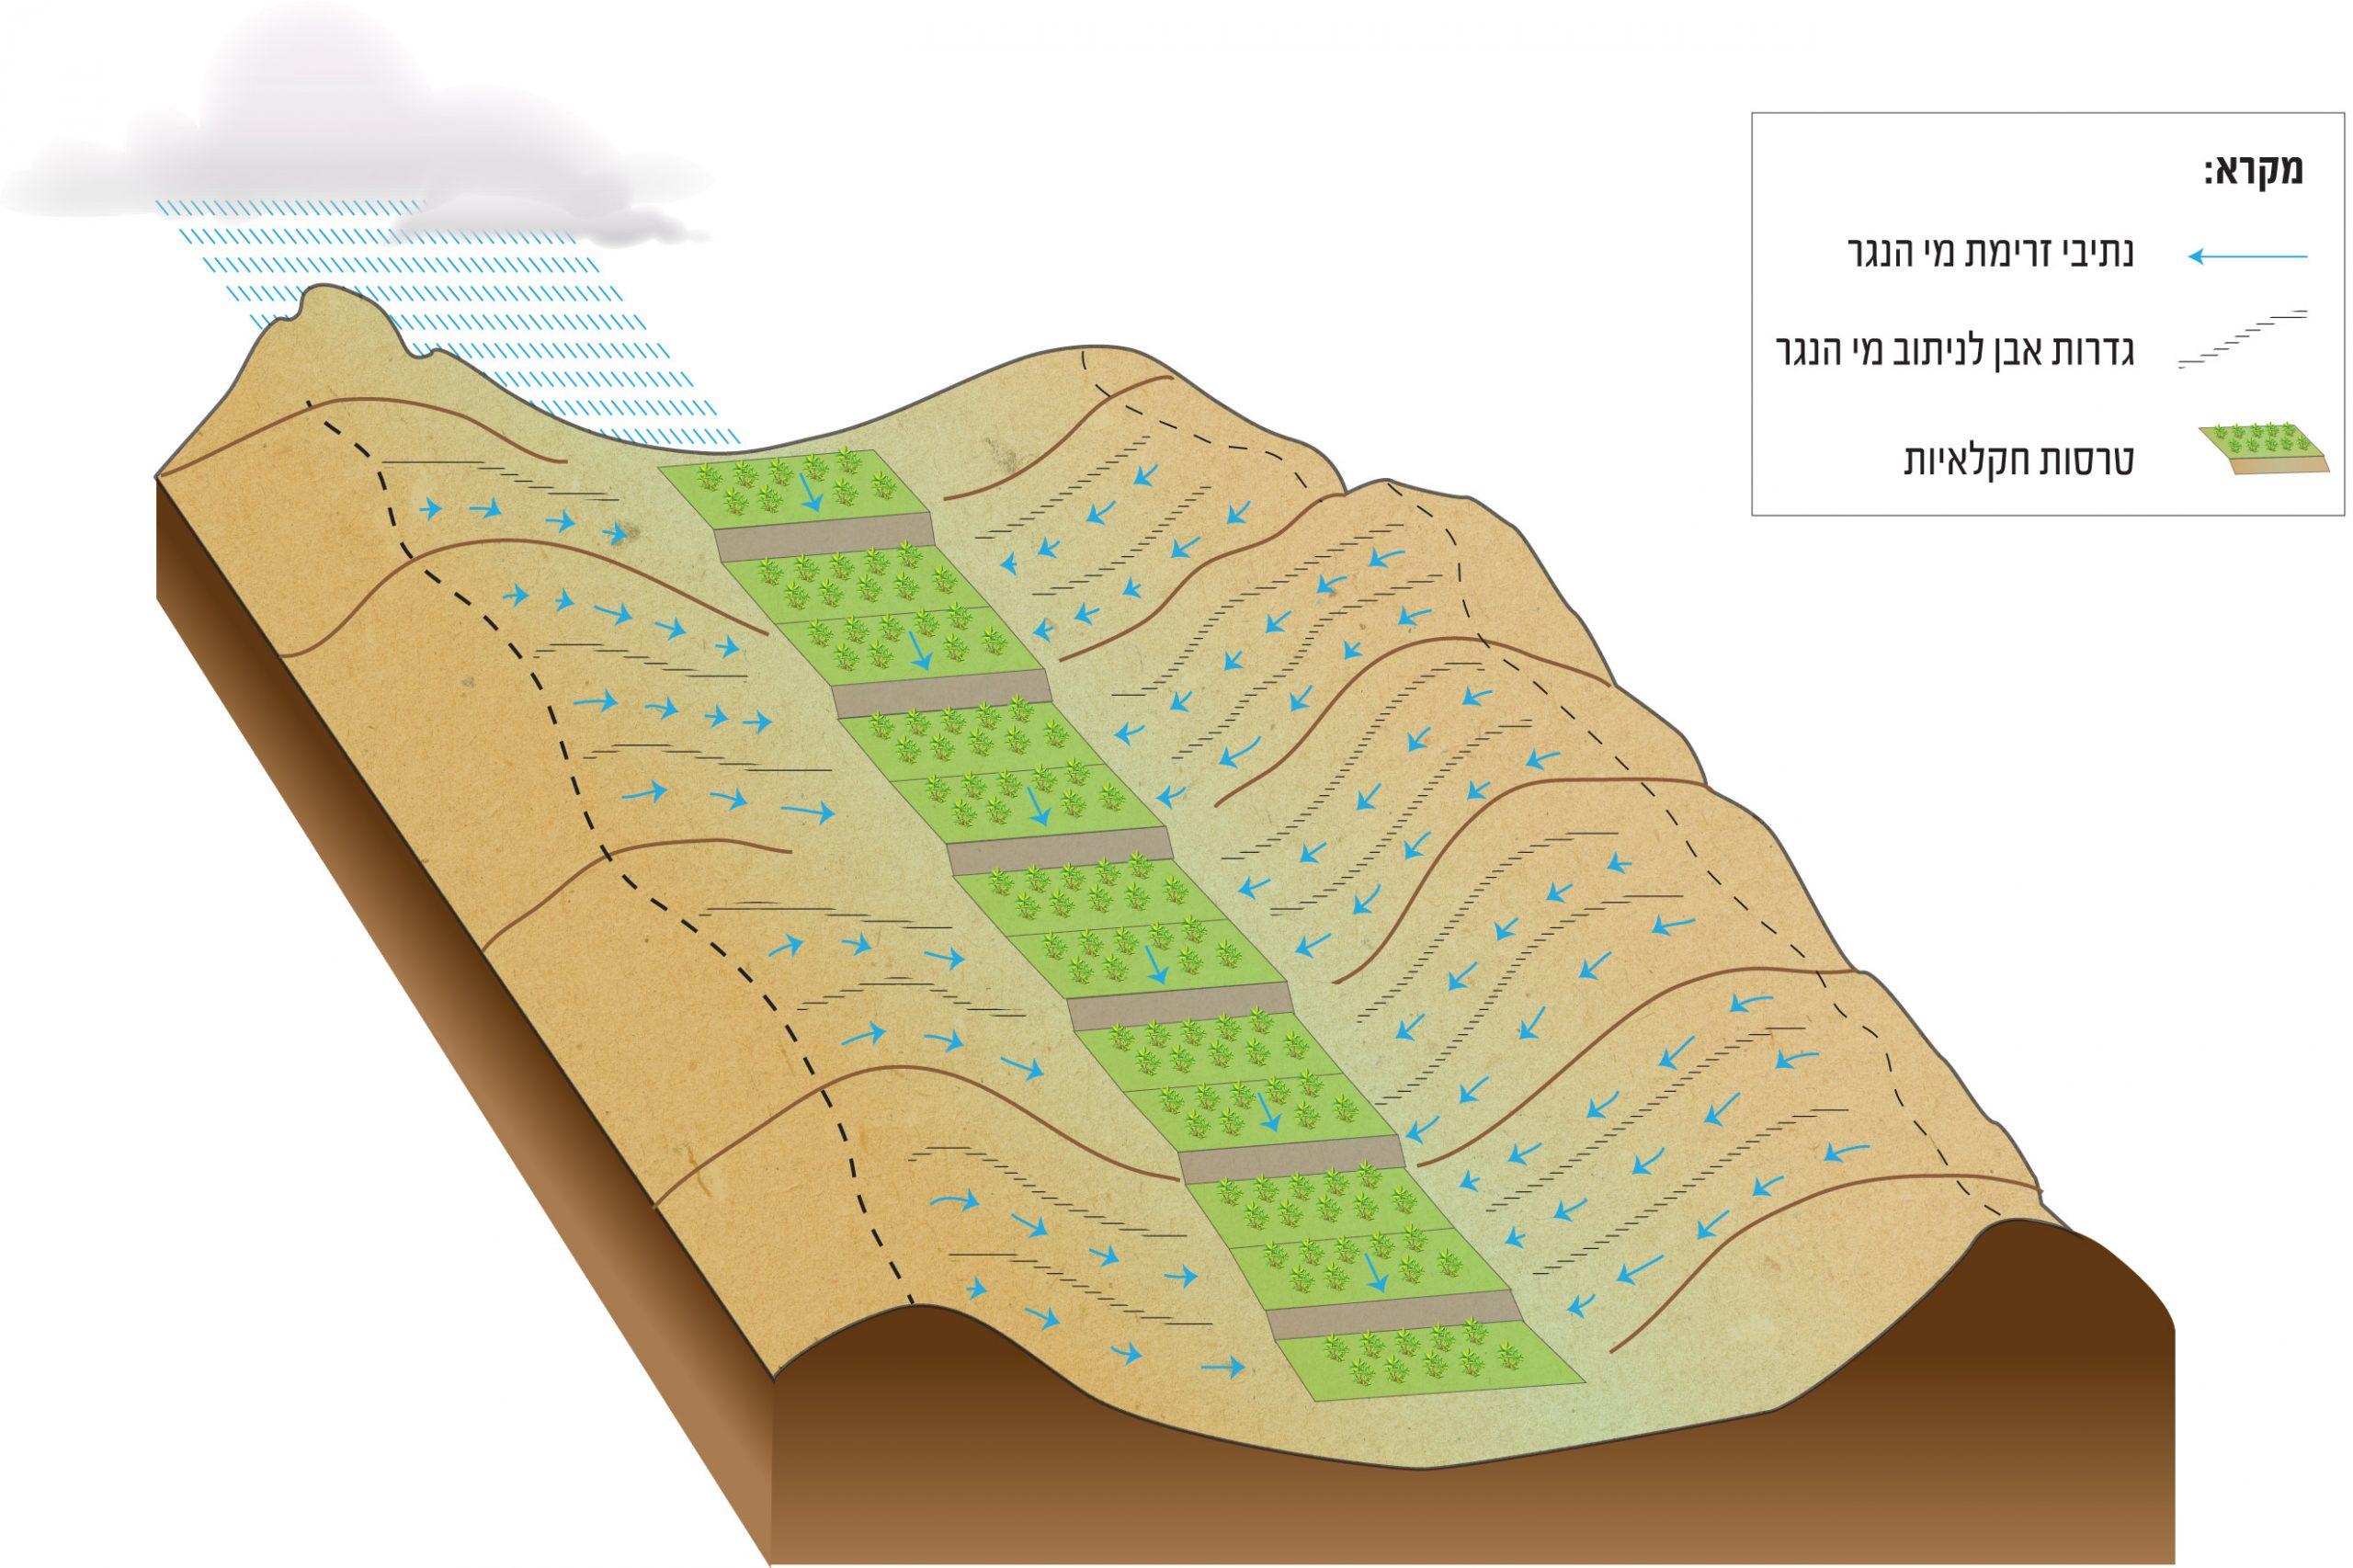 קצירת גשם. החקלאים הנבטים בנו מערכת של גדרות אבן שניתבה את מי הגשם אל הכרמים והשדות בעמק